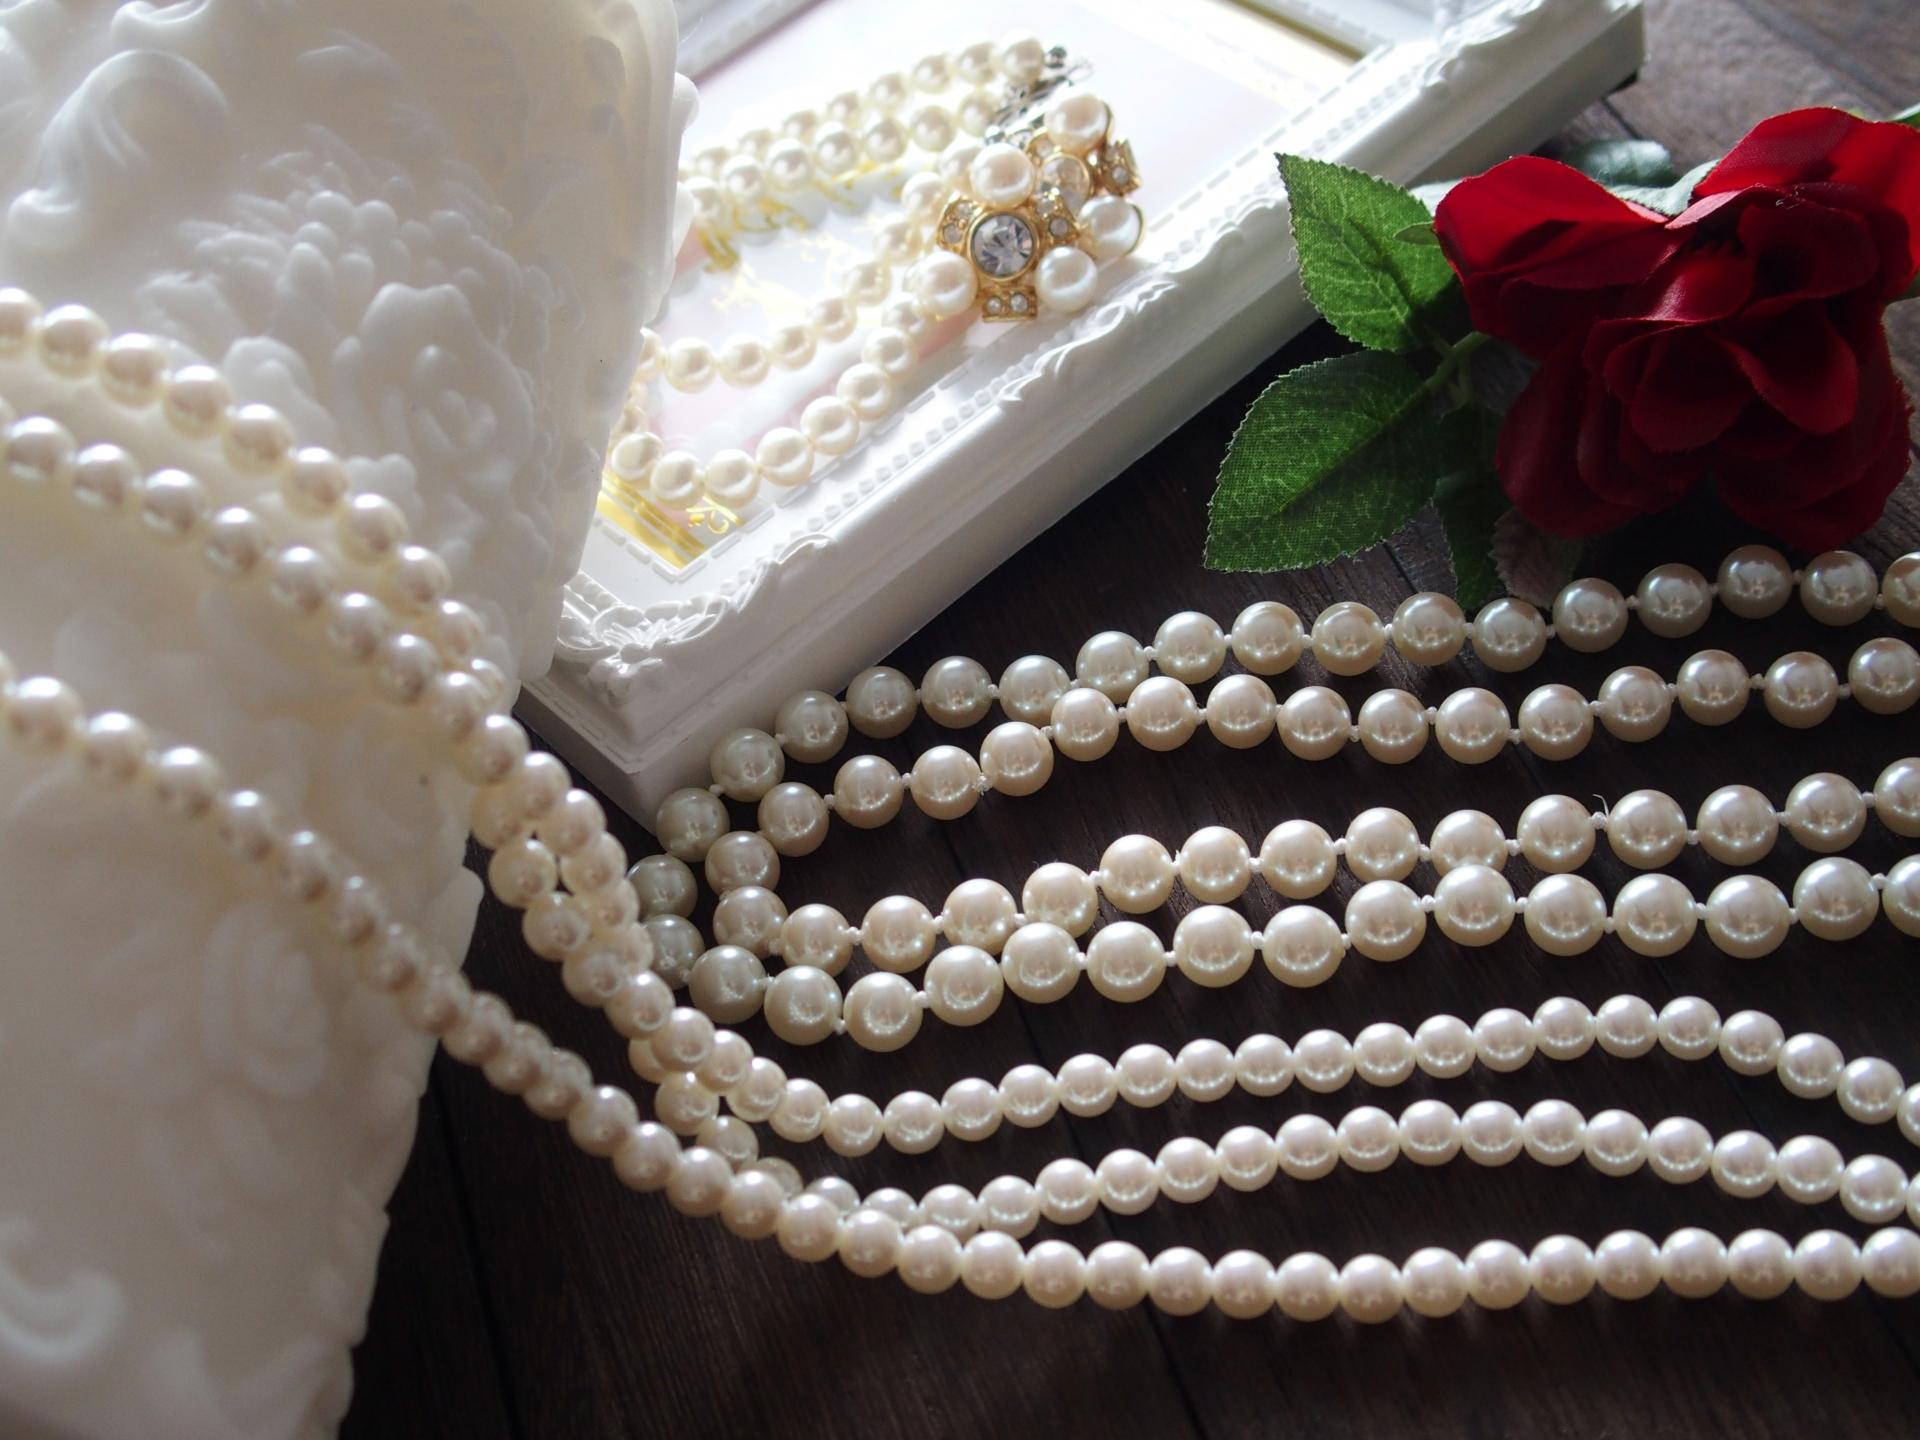 卒業・入学シーズン必須!真珠のネックレスが安く買える時期はいつ?元宝飾店店員がこっそり教えます